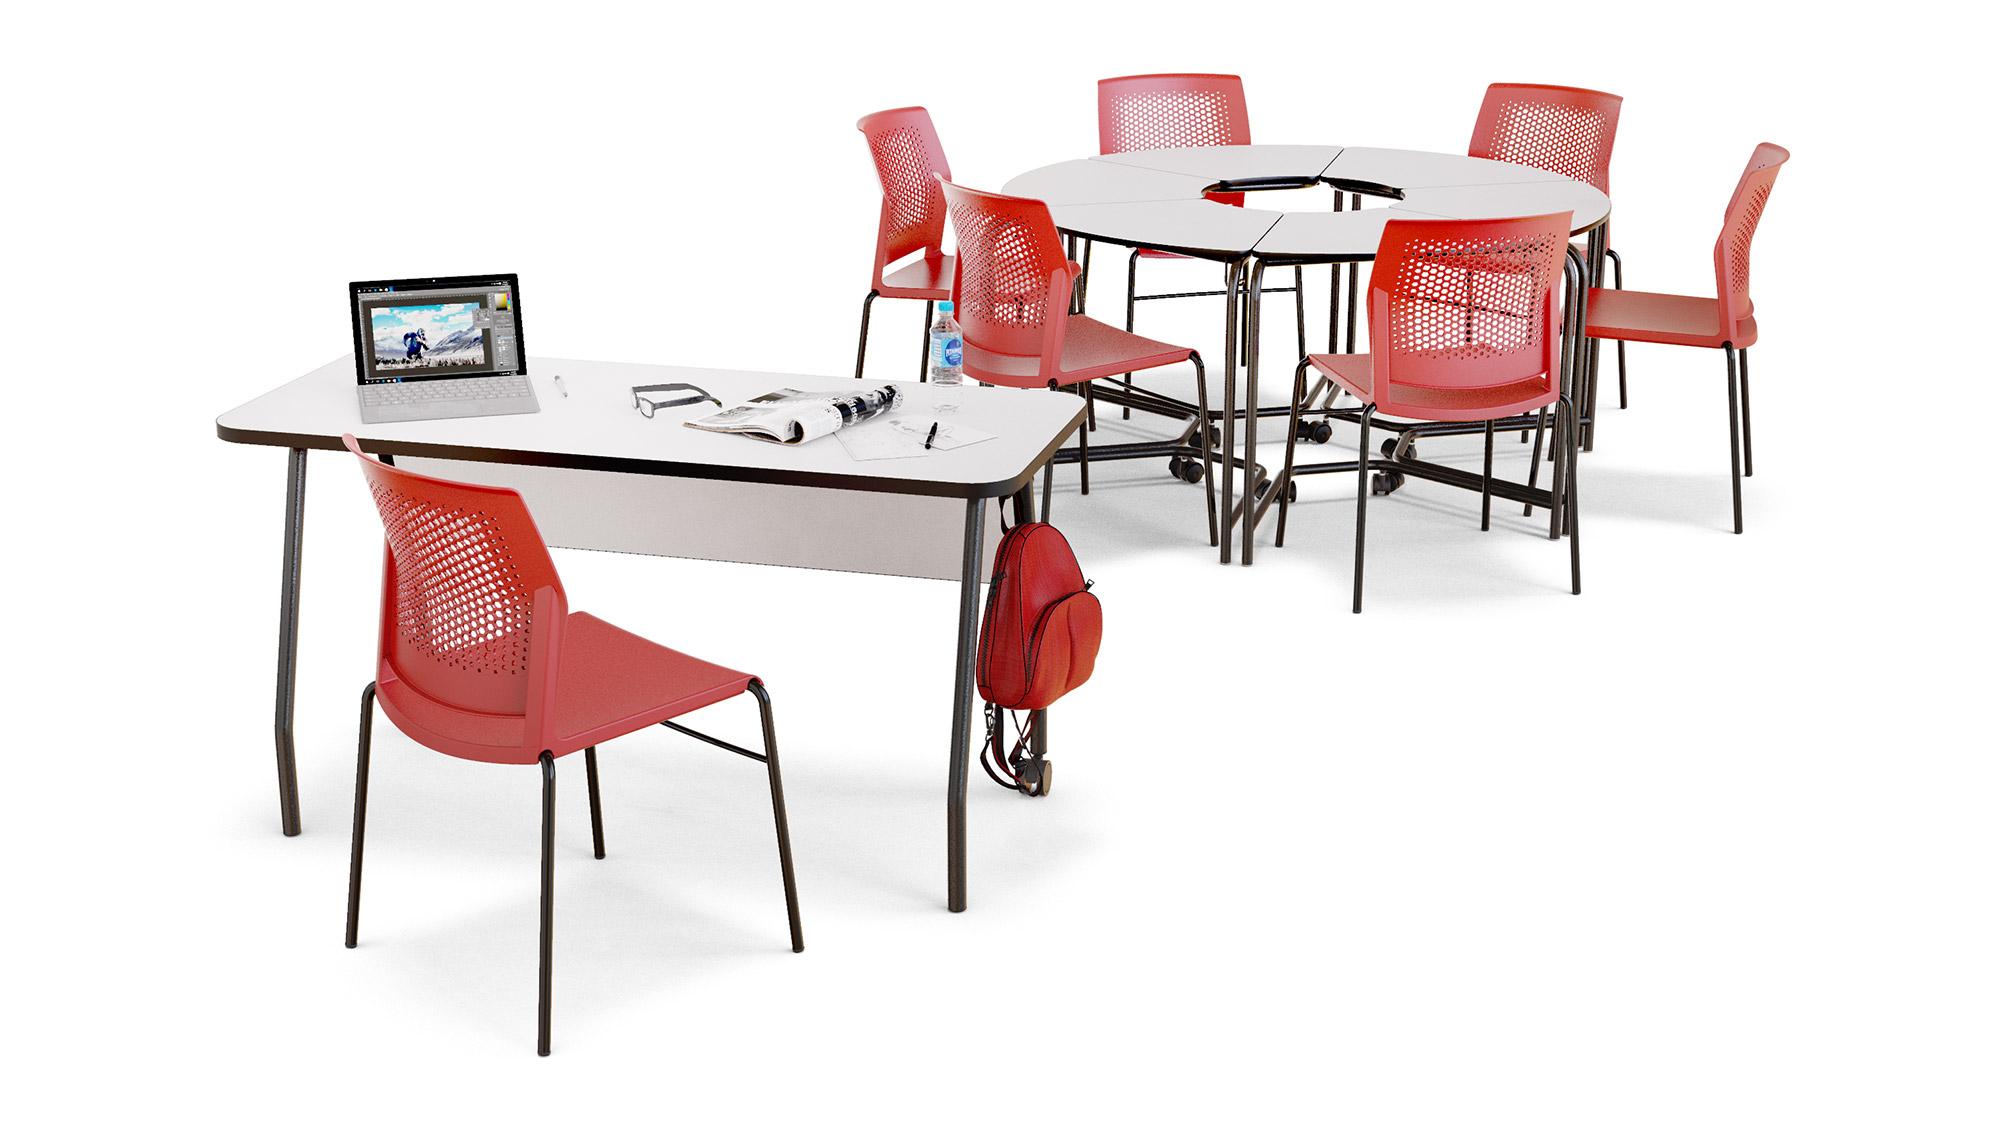 Sala com mesa de professor em primeiro plano e conjunto de 6 mesas link formando um círculo ao fundo.